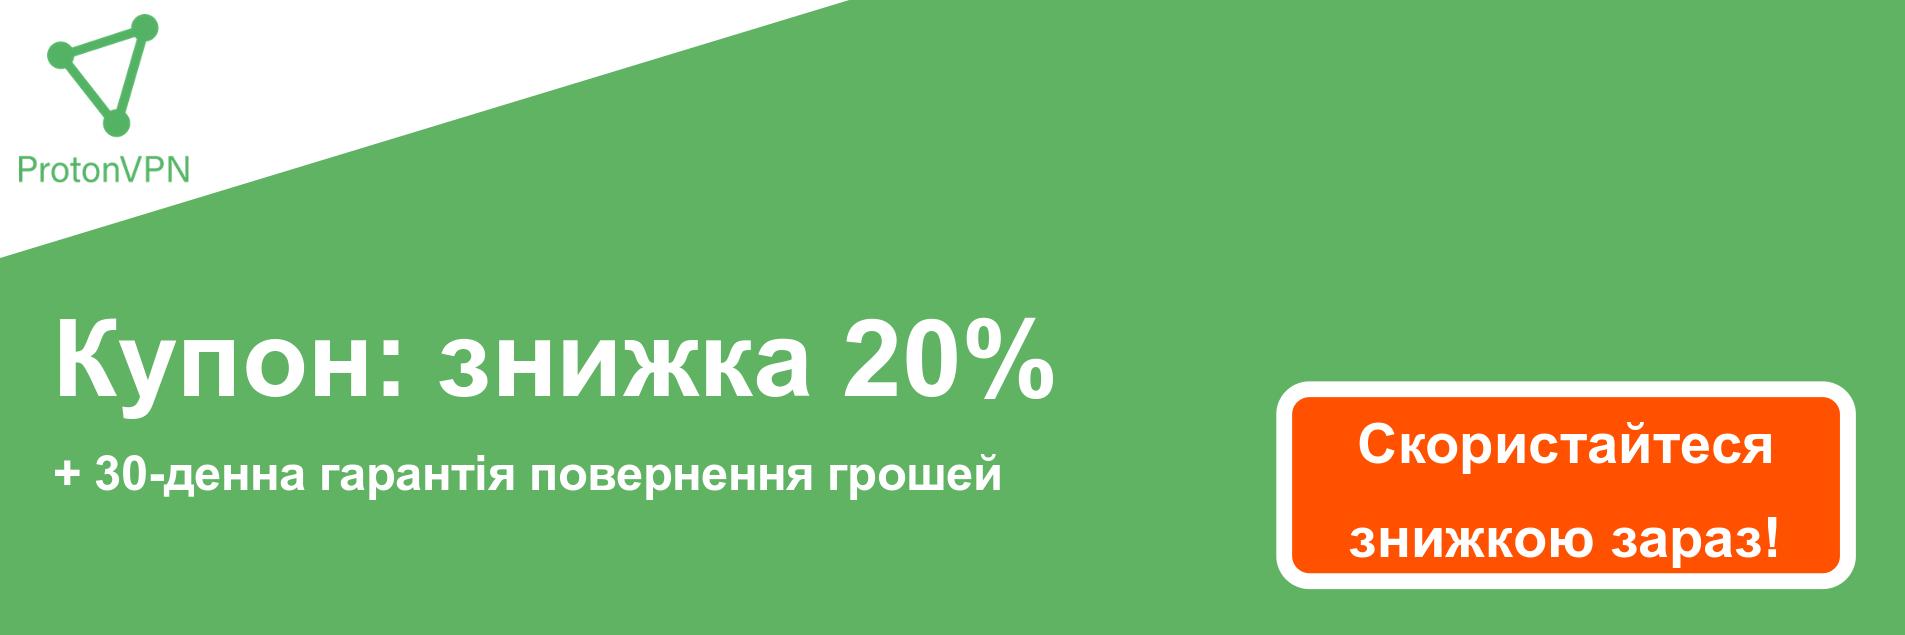 Банер купона ProtonVPN - знижка 20%